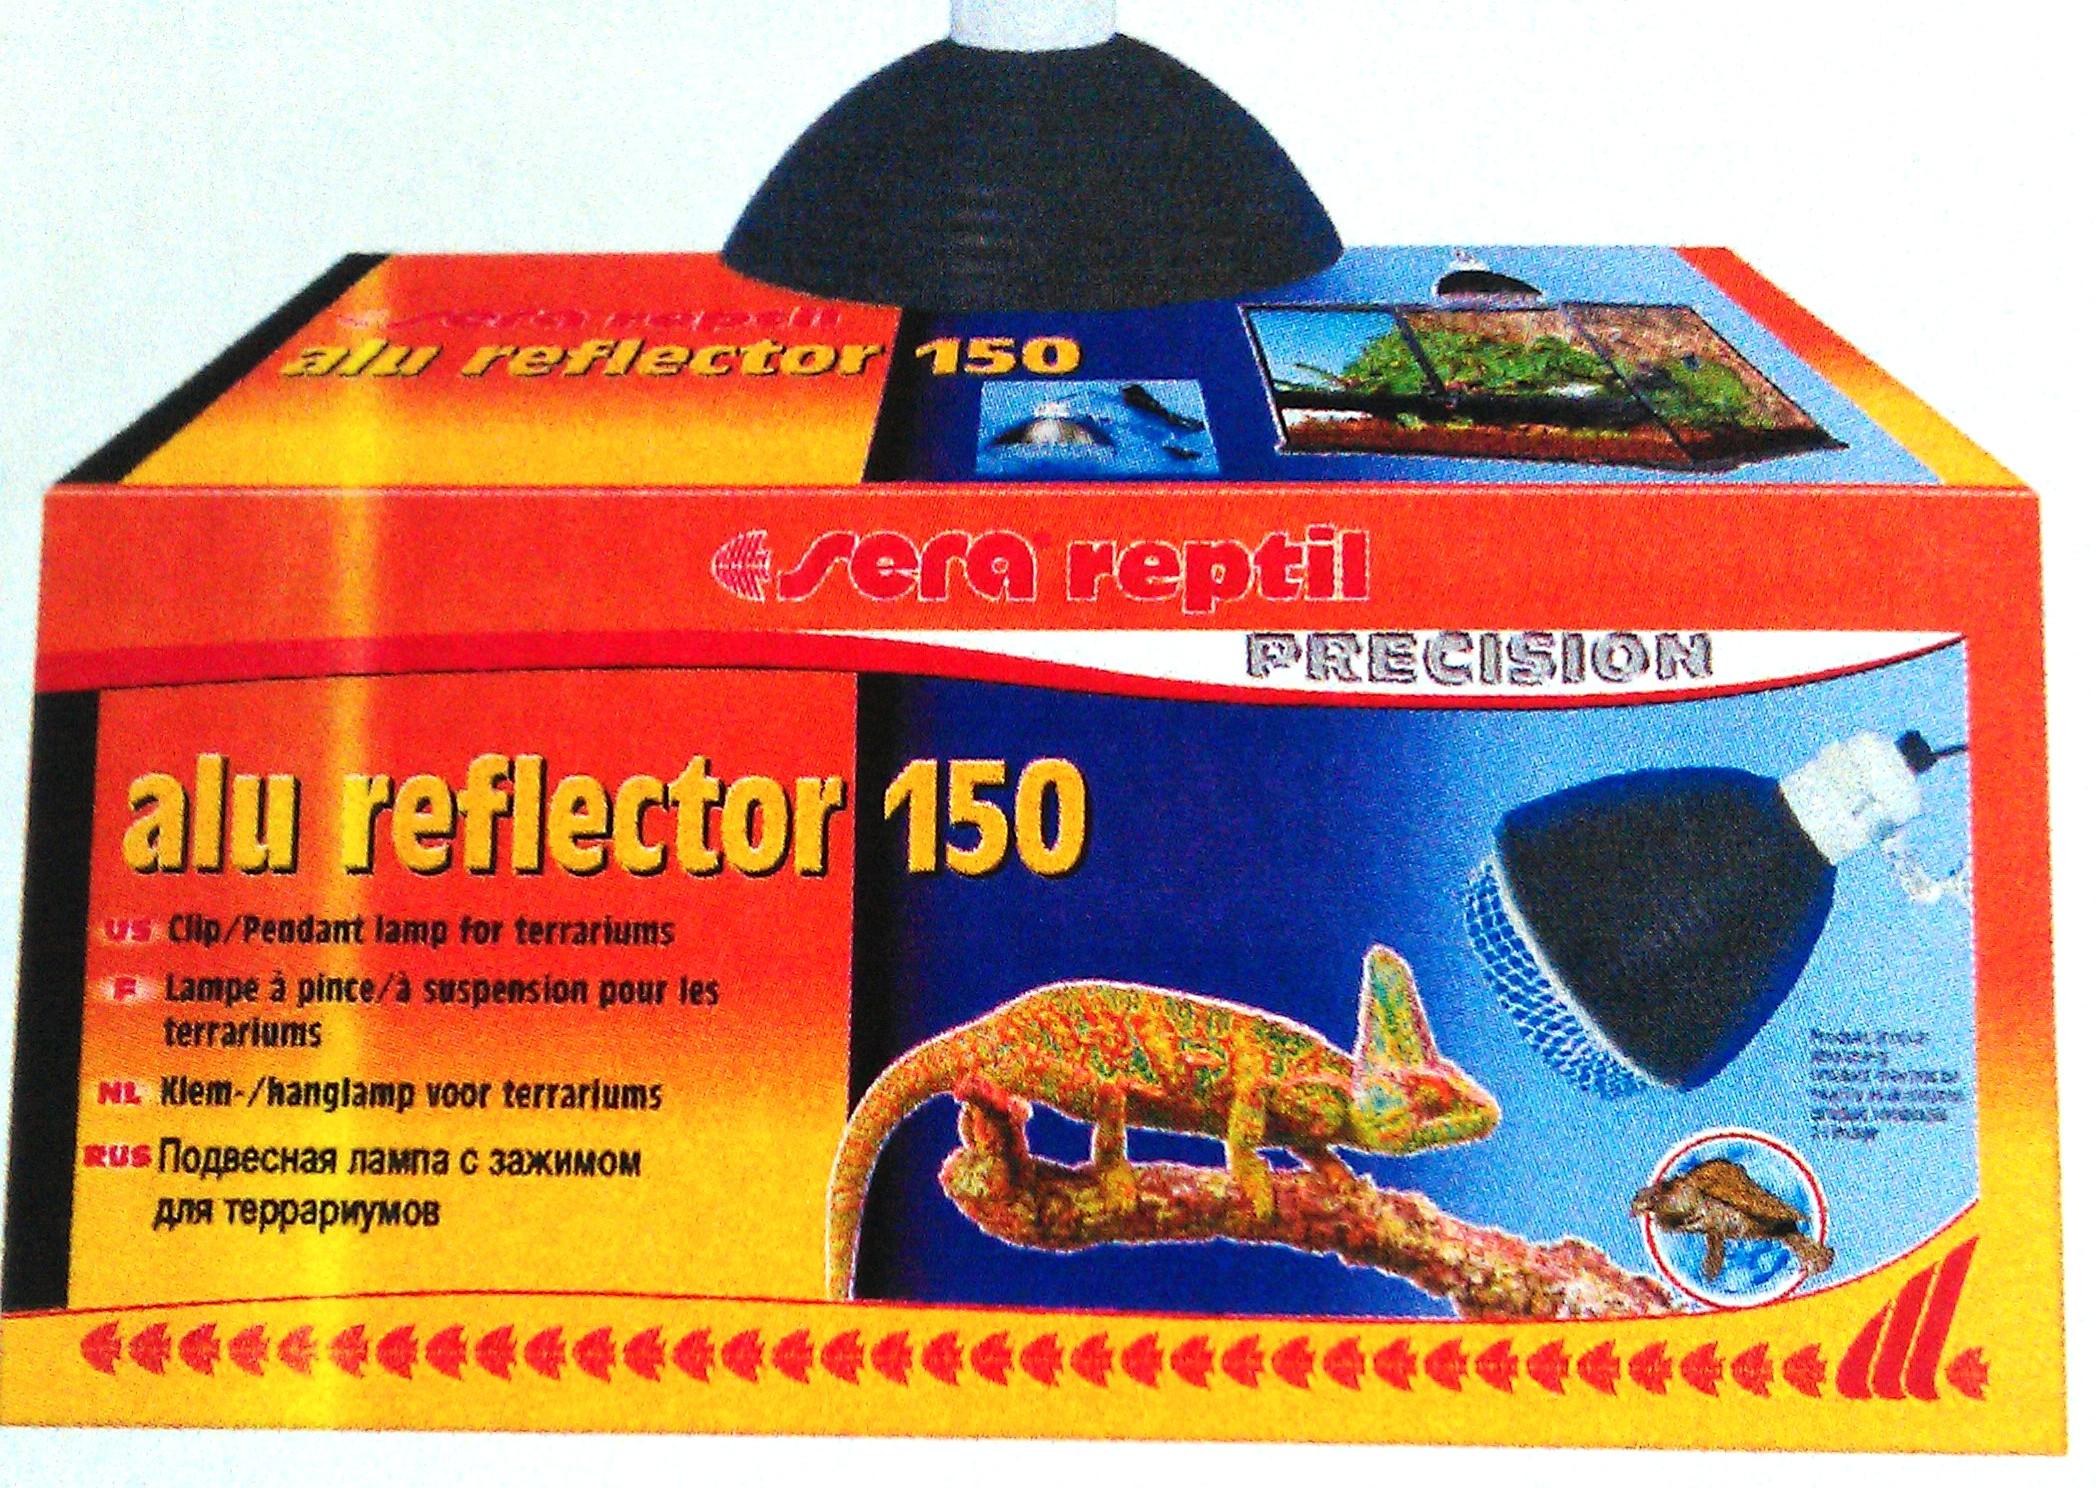 Подвес. светильник с зажим. д/терр. SERA reptil рефлектор, 150 Вт, диам. 15 см от Ravta